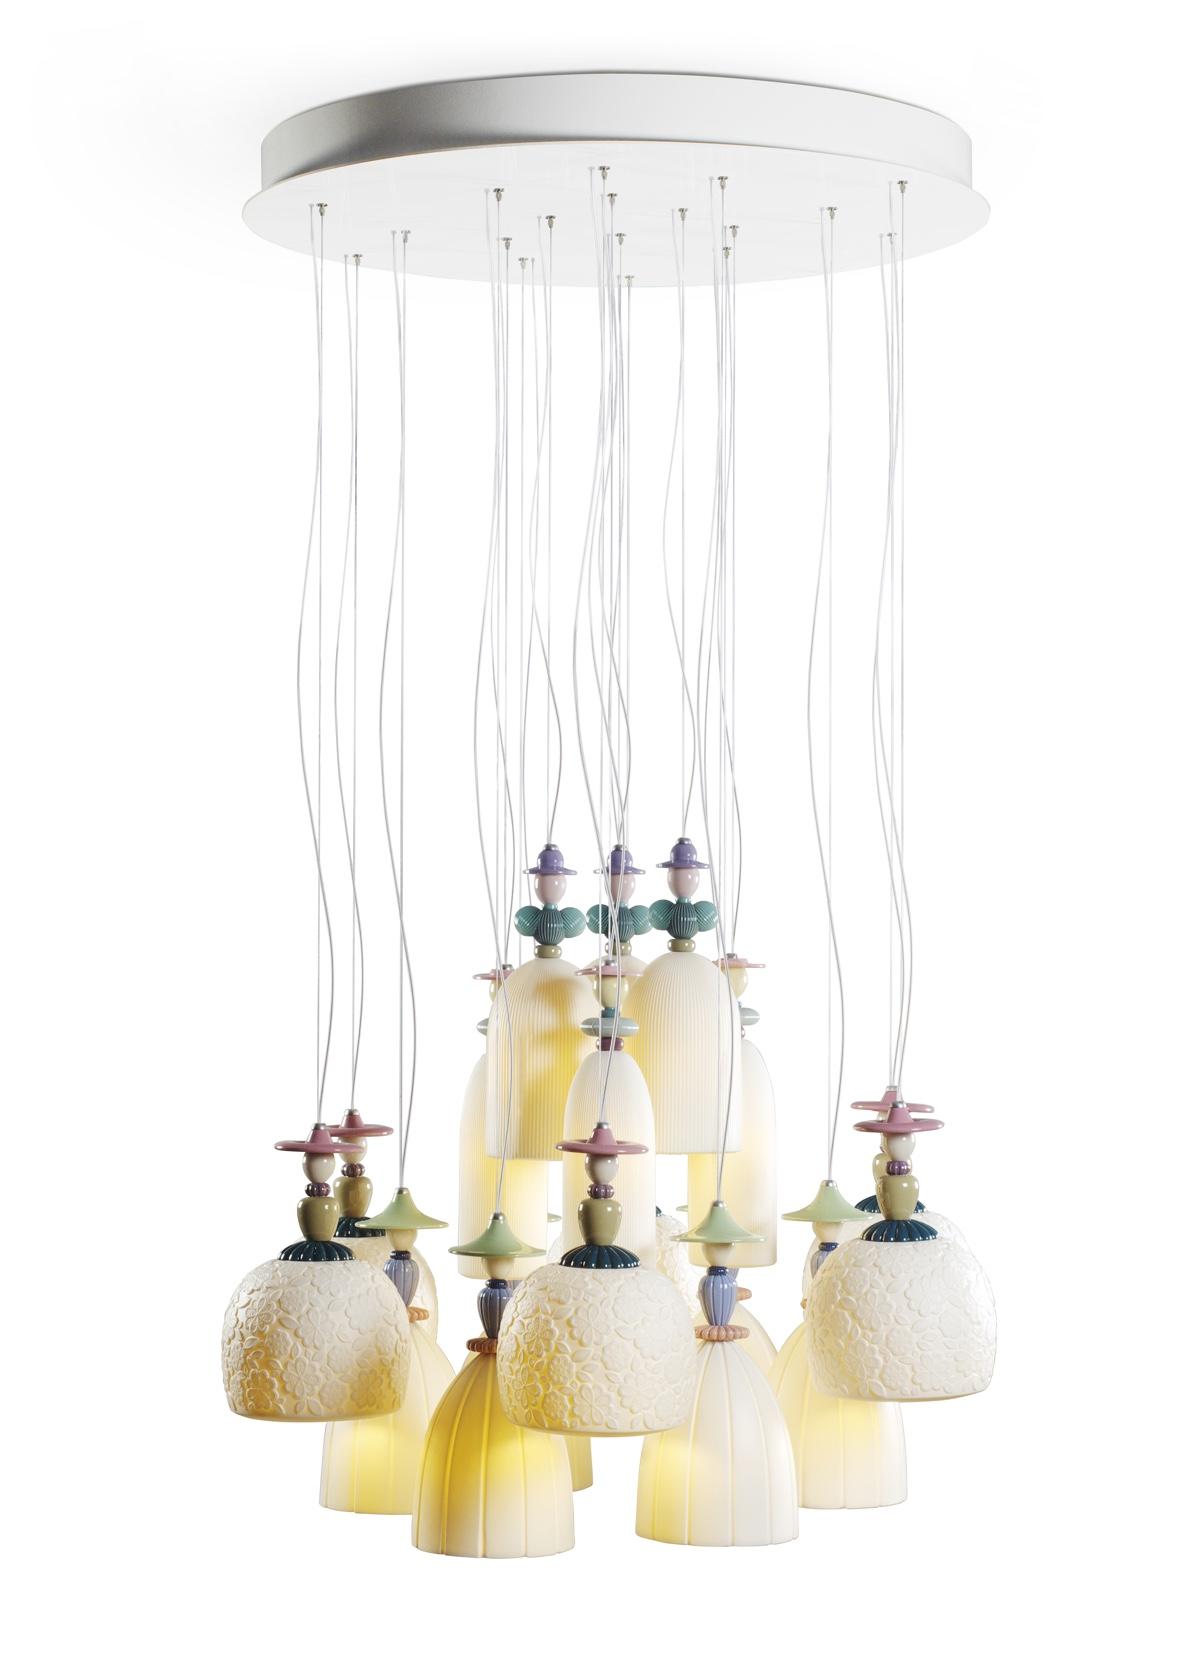 Mademoiselle chandelier from Lladró.Sculptor: Dept. Diseño y Decoración.